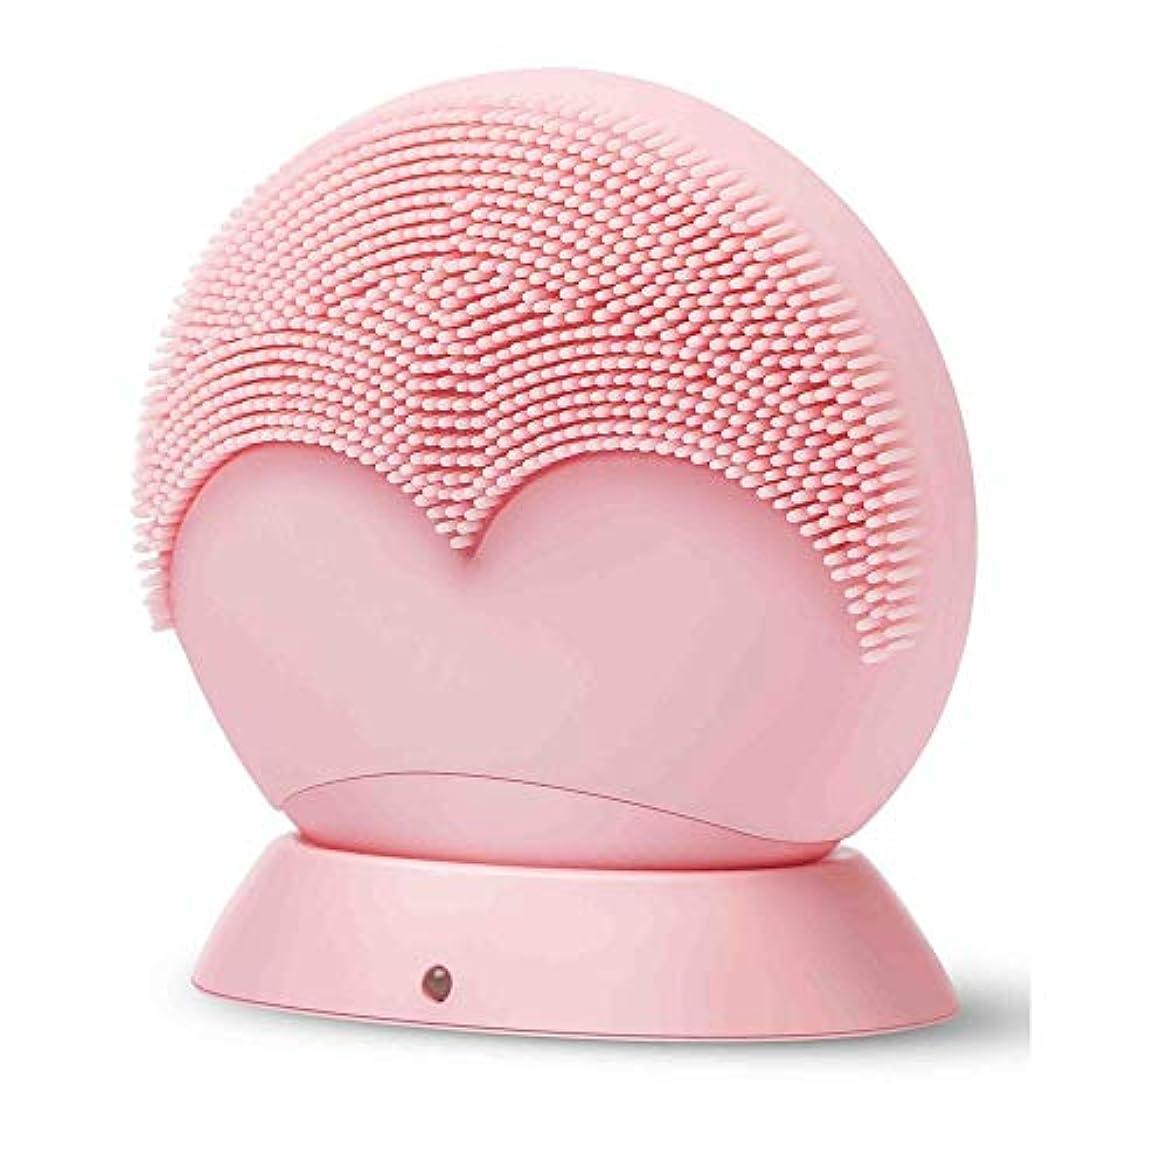 然とした女将献身ZXF ワイヤレス充電超音波振動クレンジングブラシディープクリーンミュートシリコンクレンジング楽器防水 滑らかである (色 : Pink)